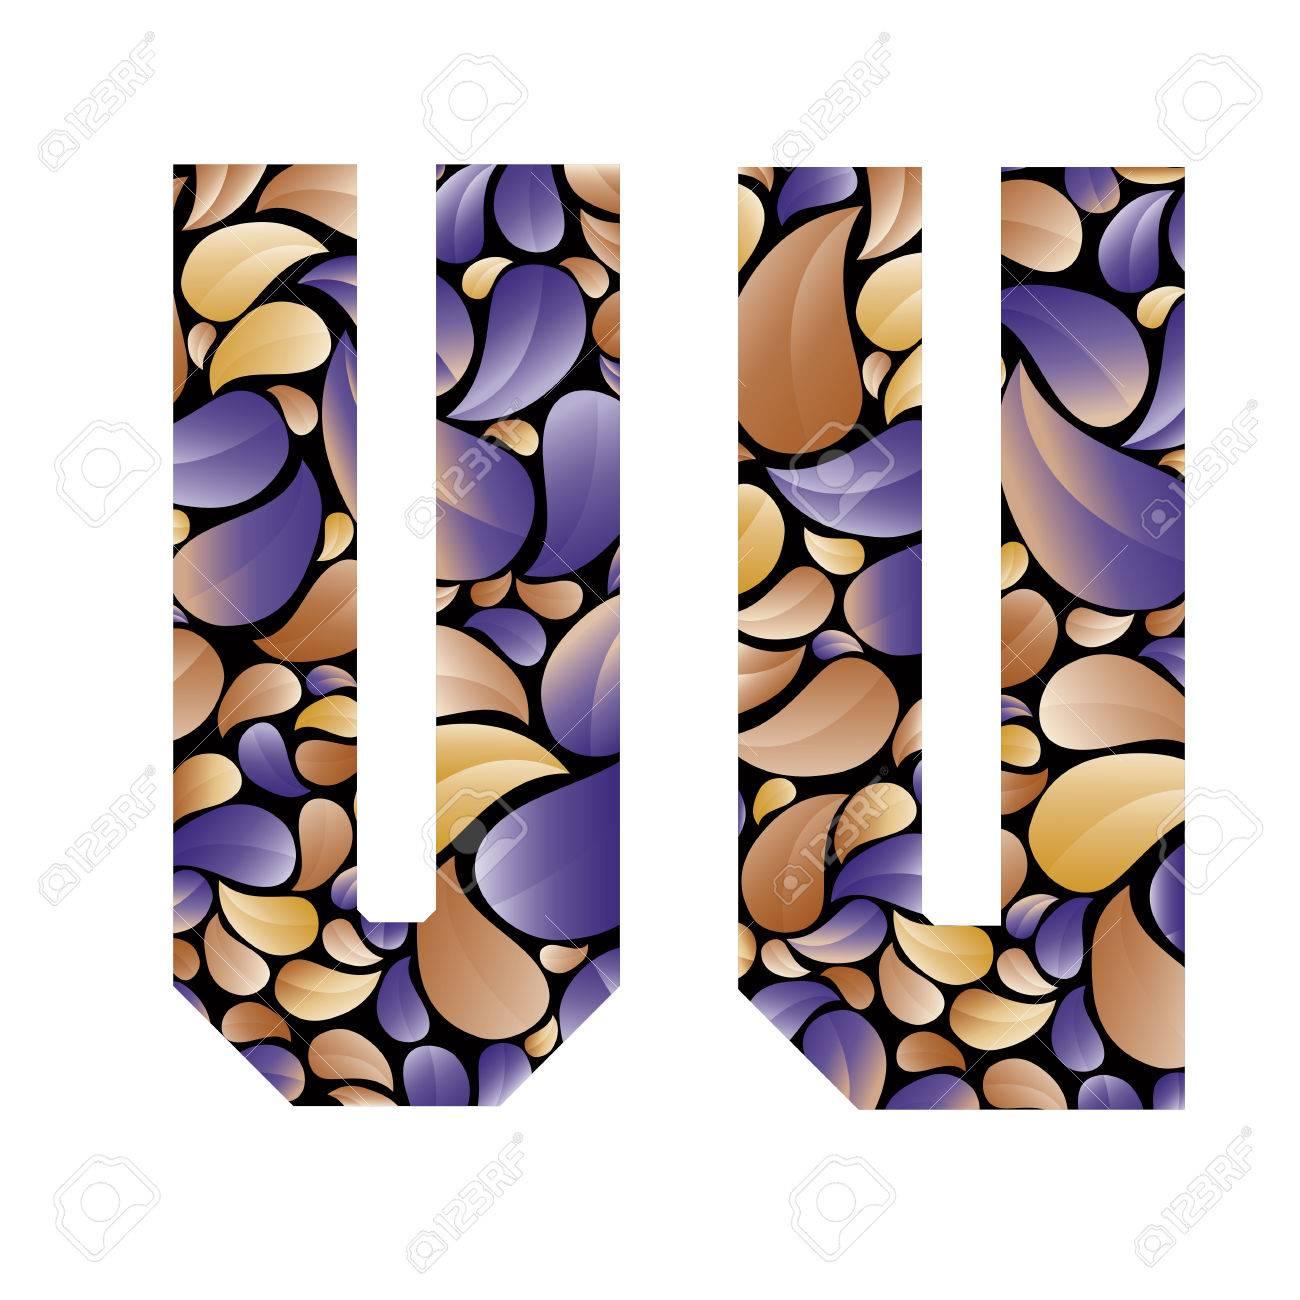 Schöne Floral Alphabet Vintage Stil Gemusterten Blütenblättern